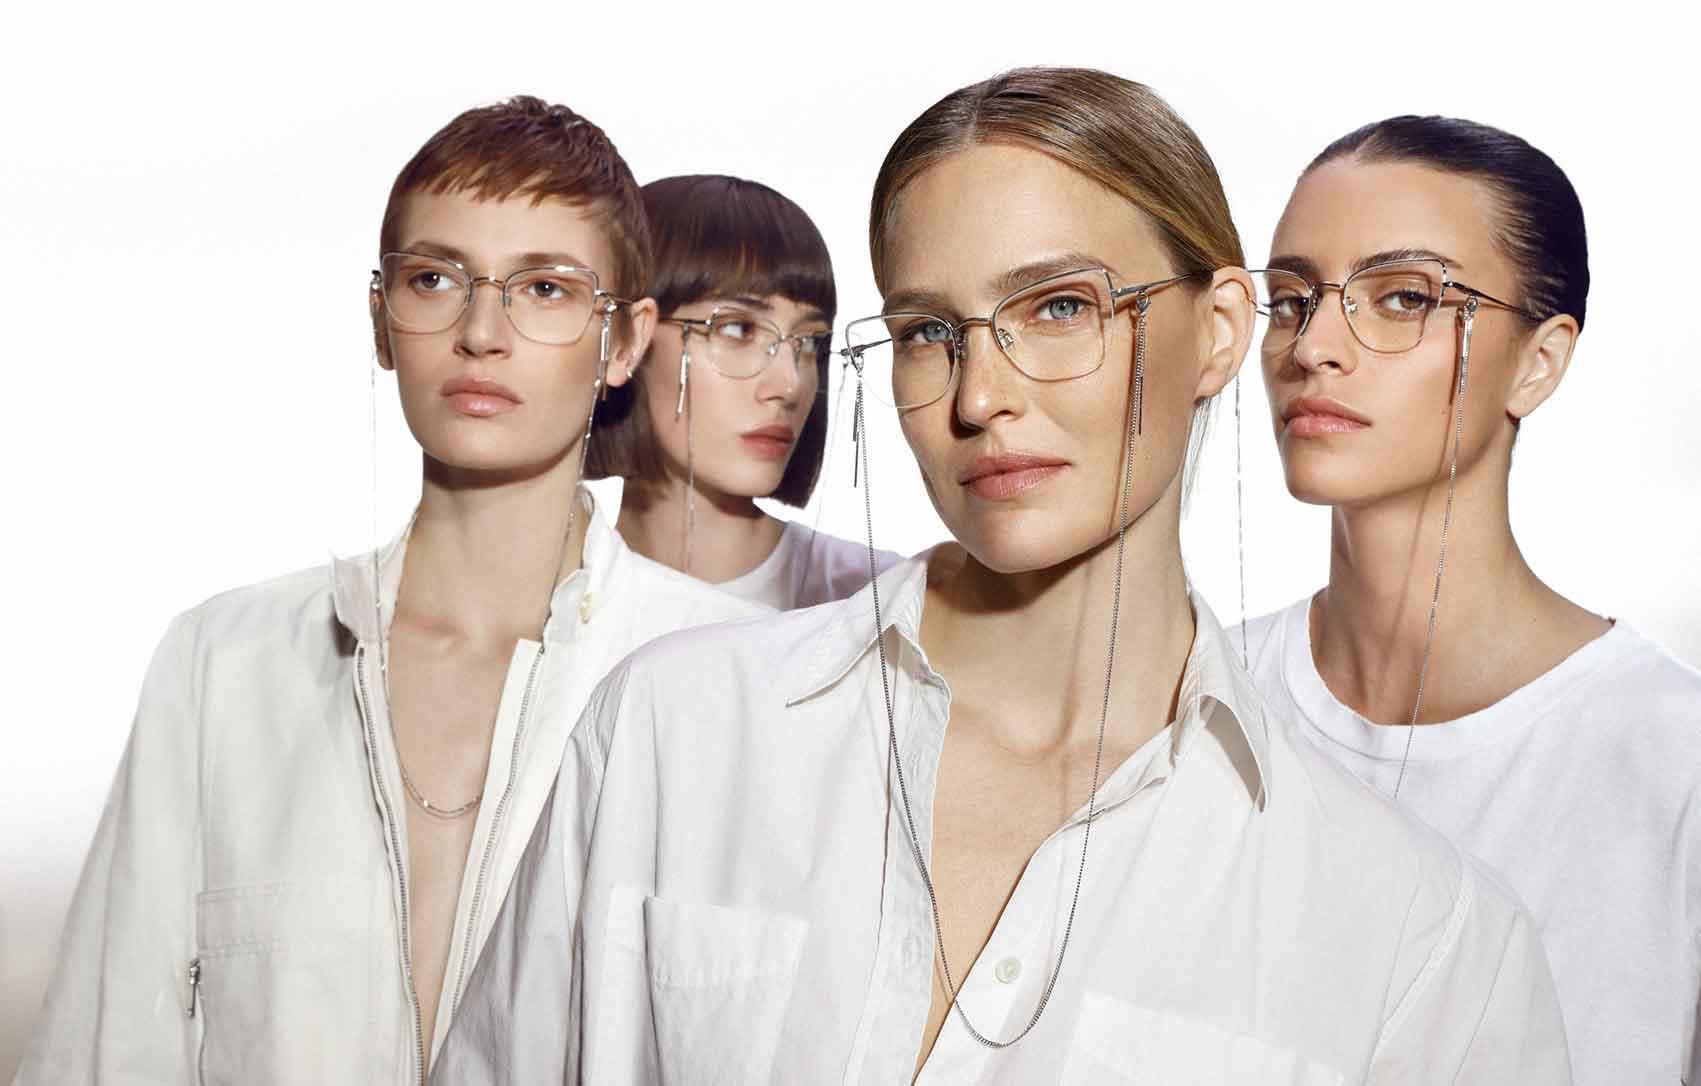 קרולינה למקה משקפי עגילים. צילום: קרולינה למקה יח״צ